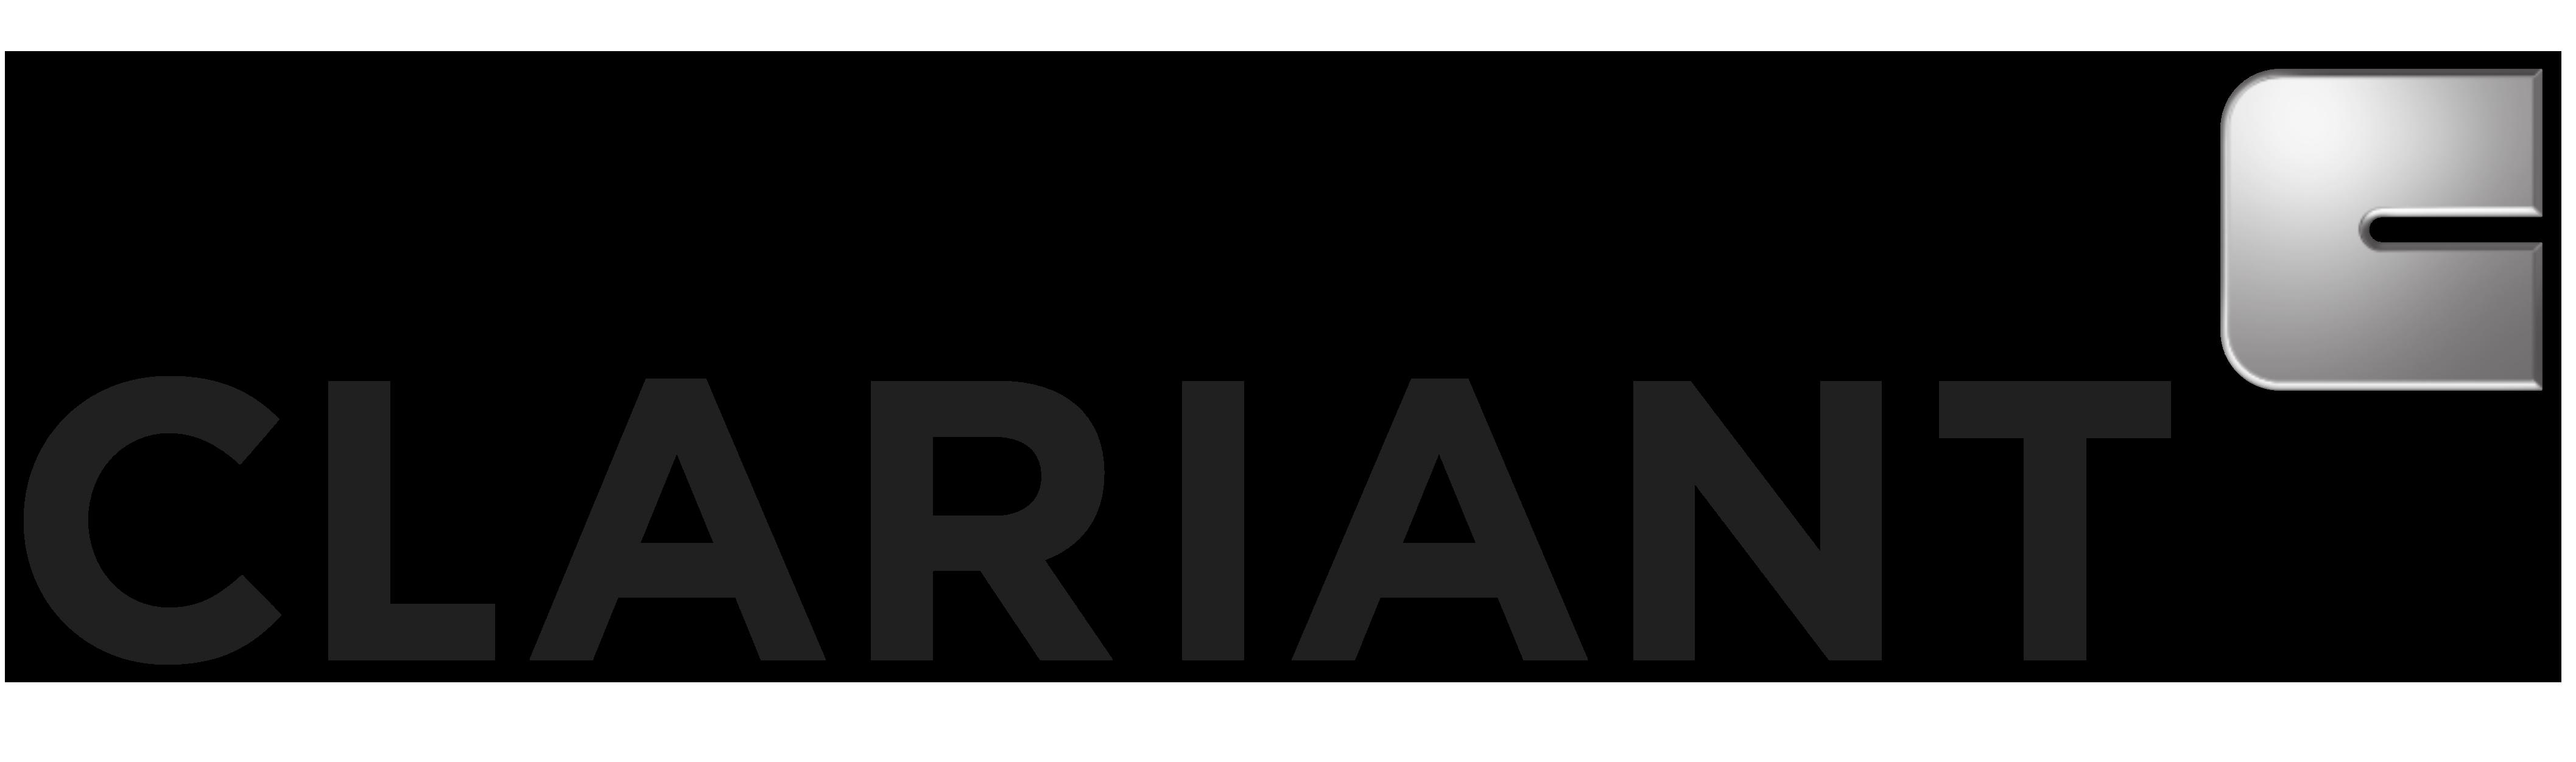 Clariant Ag logo